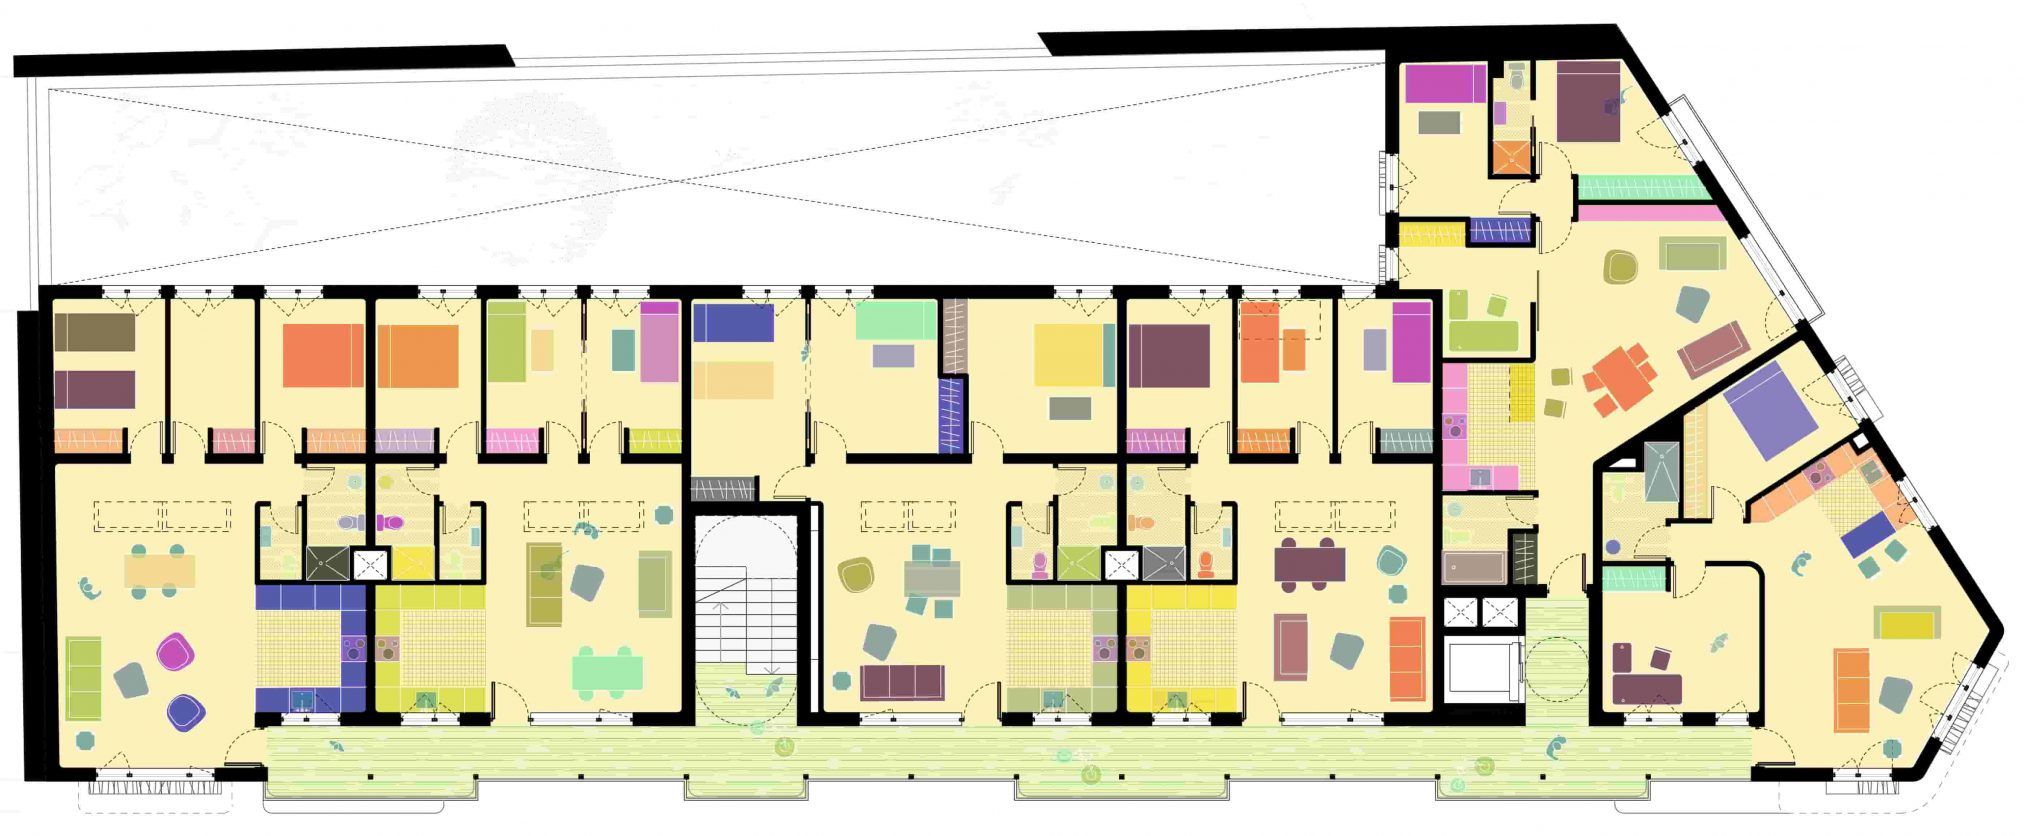 plano-entrepatios-ecologica-casa